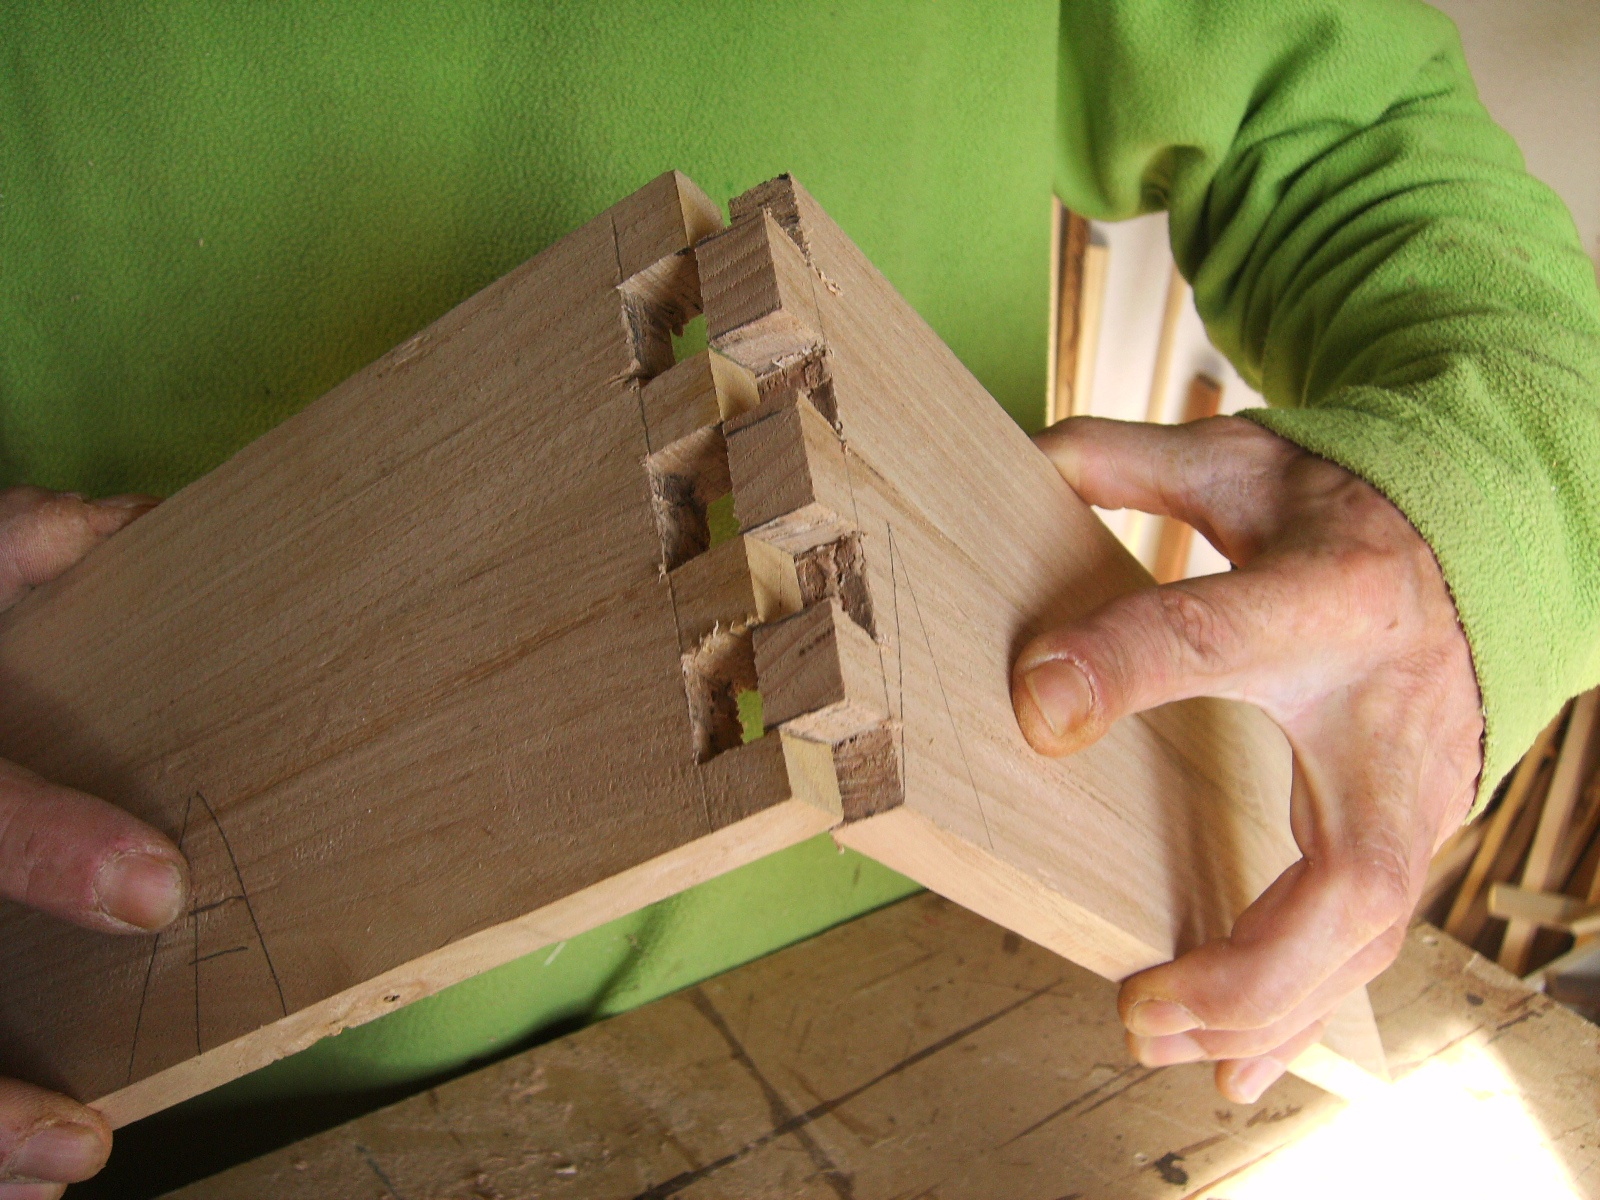 trabajar con madera colas de milano paso a paso On trabajos en madera pdf